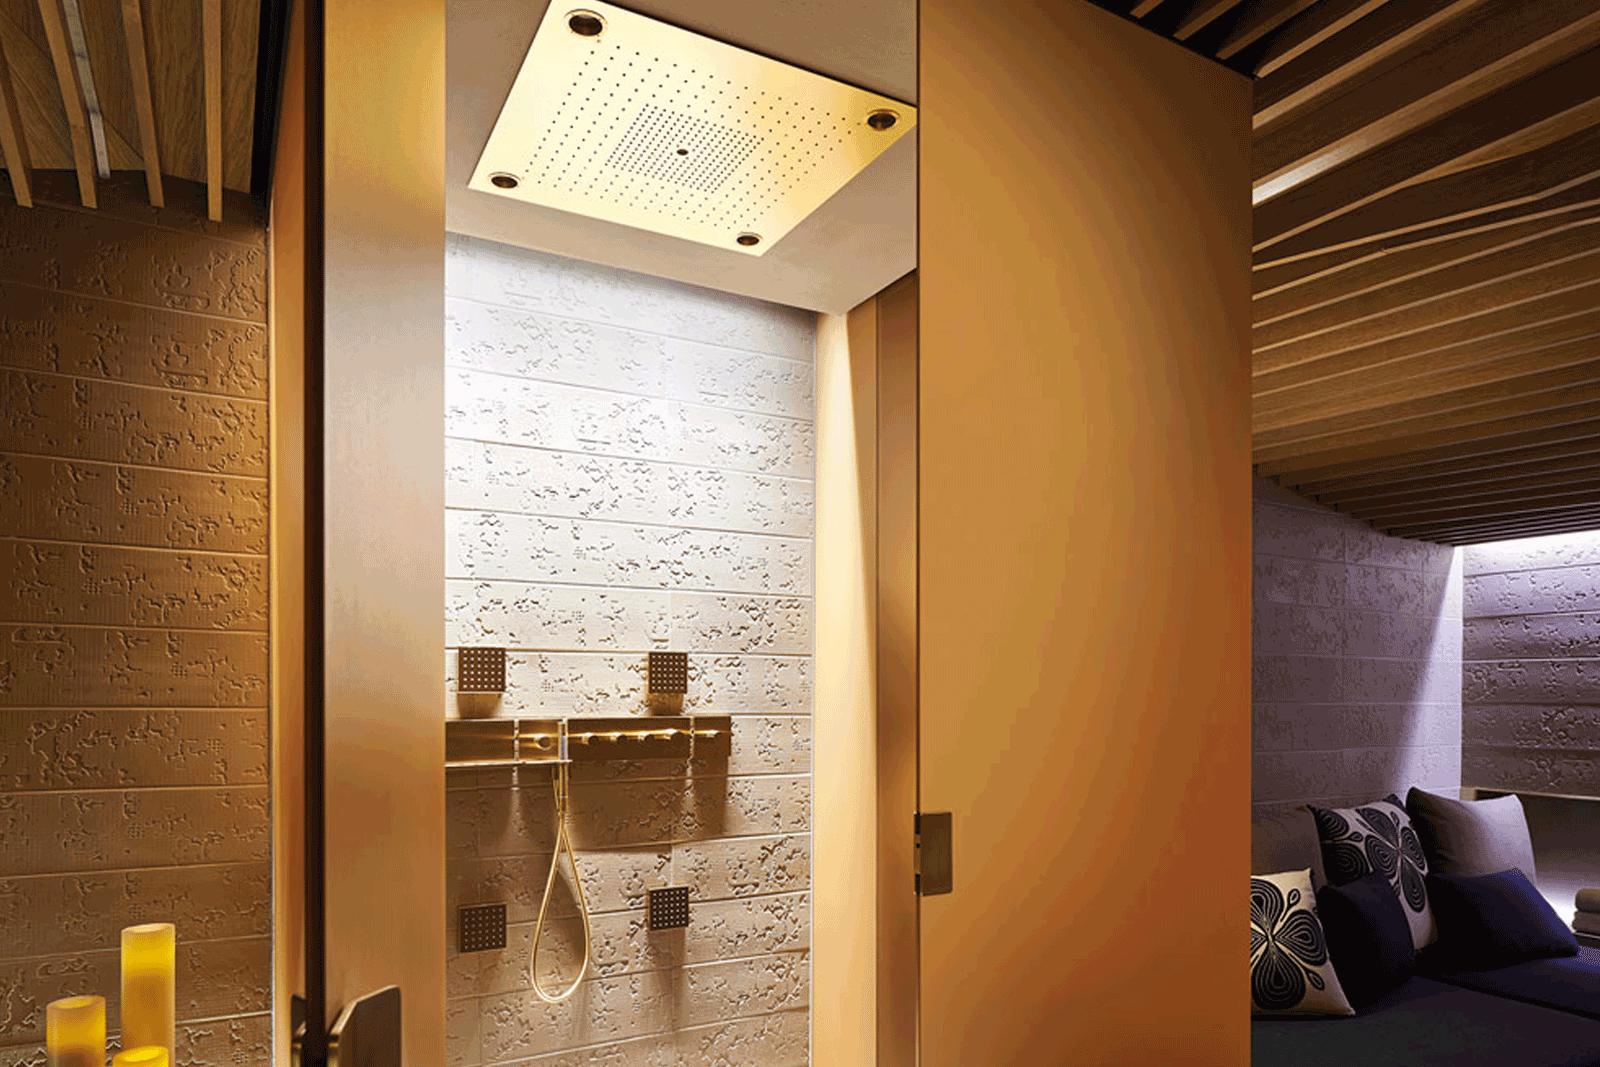 Hansgrohe Bathroom Design At Bathline Luxury Bathrooms